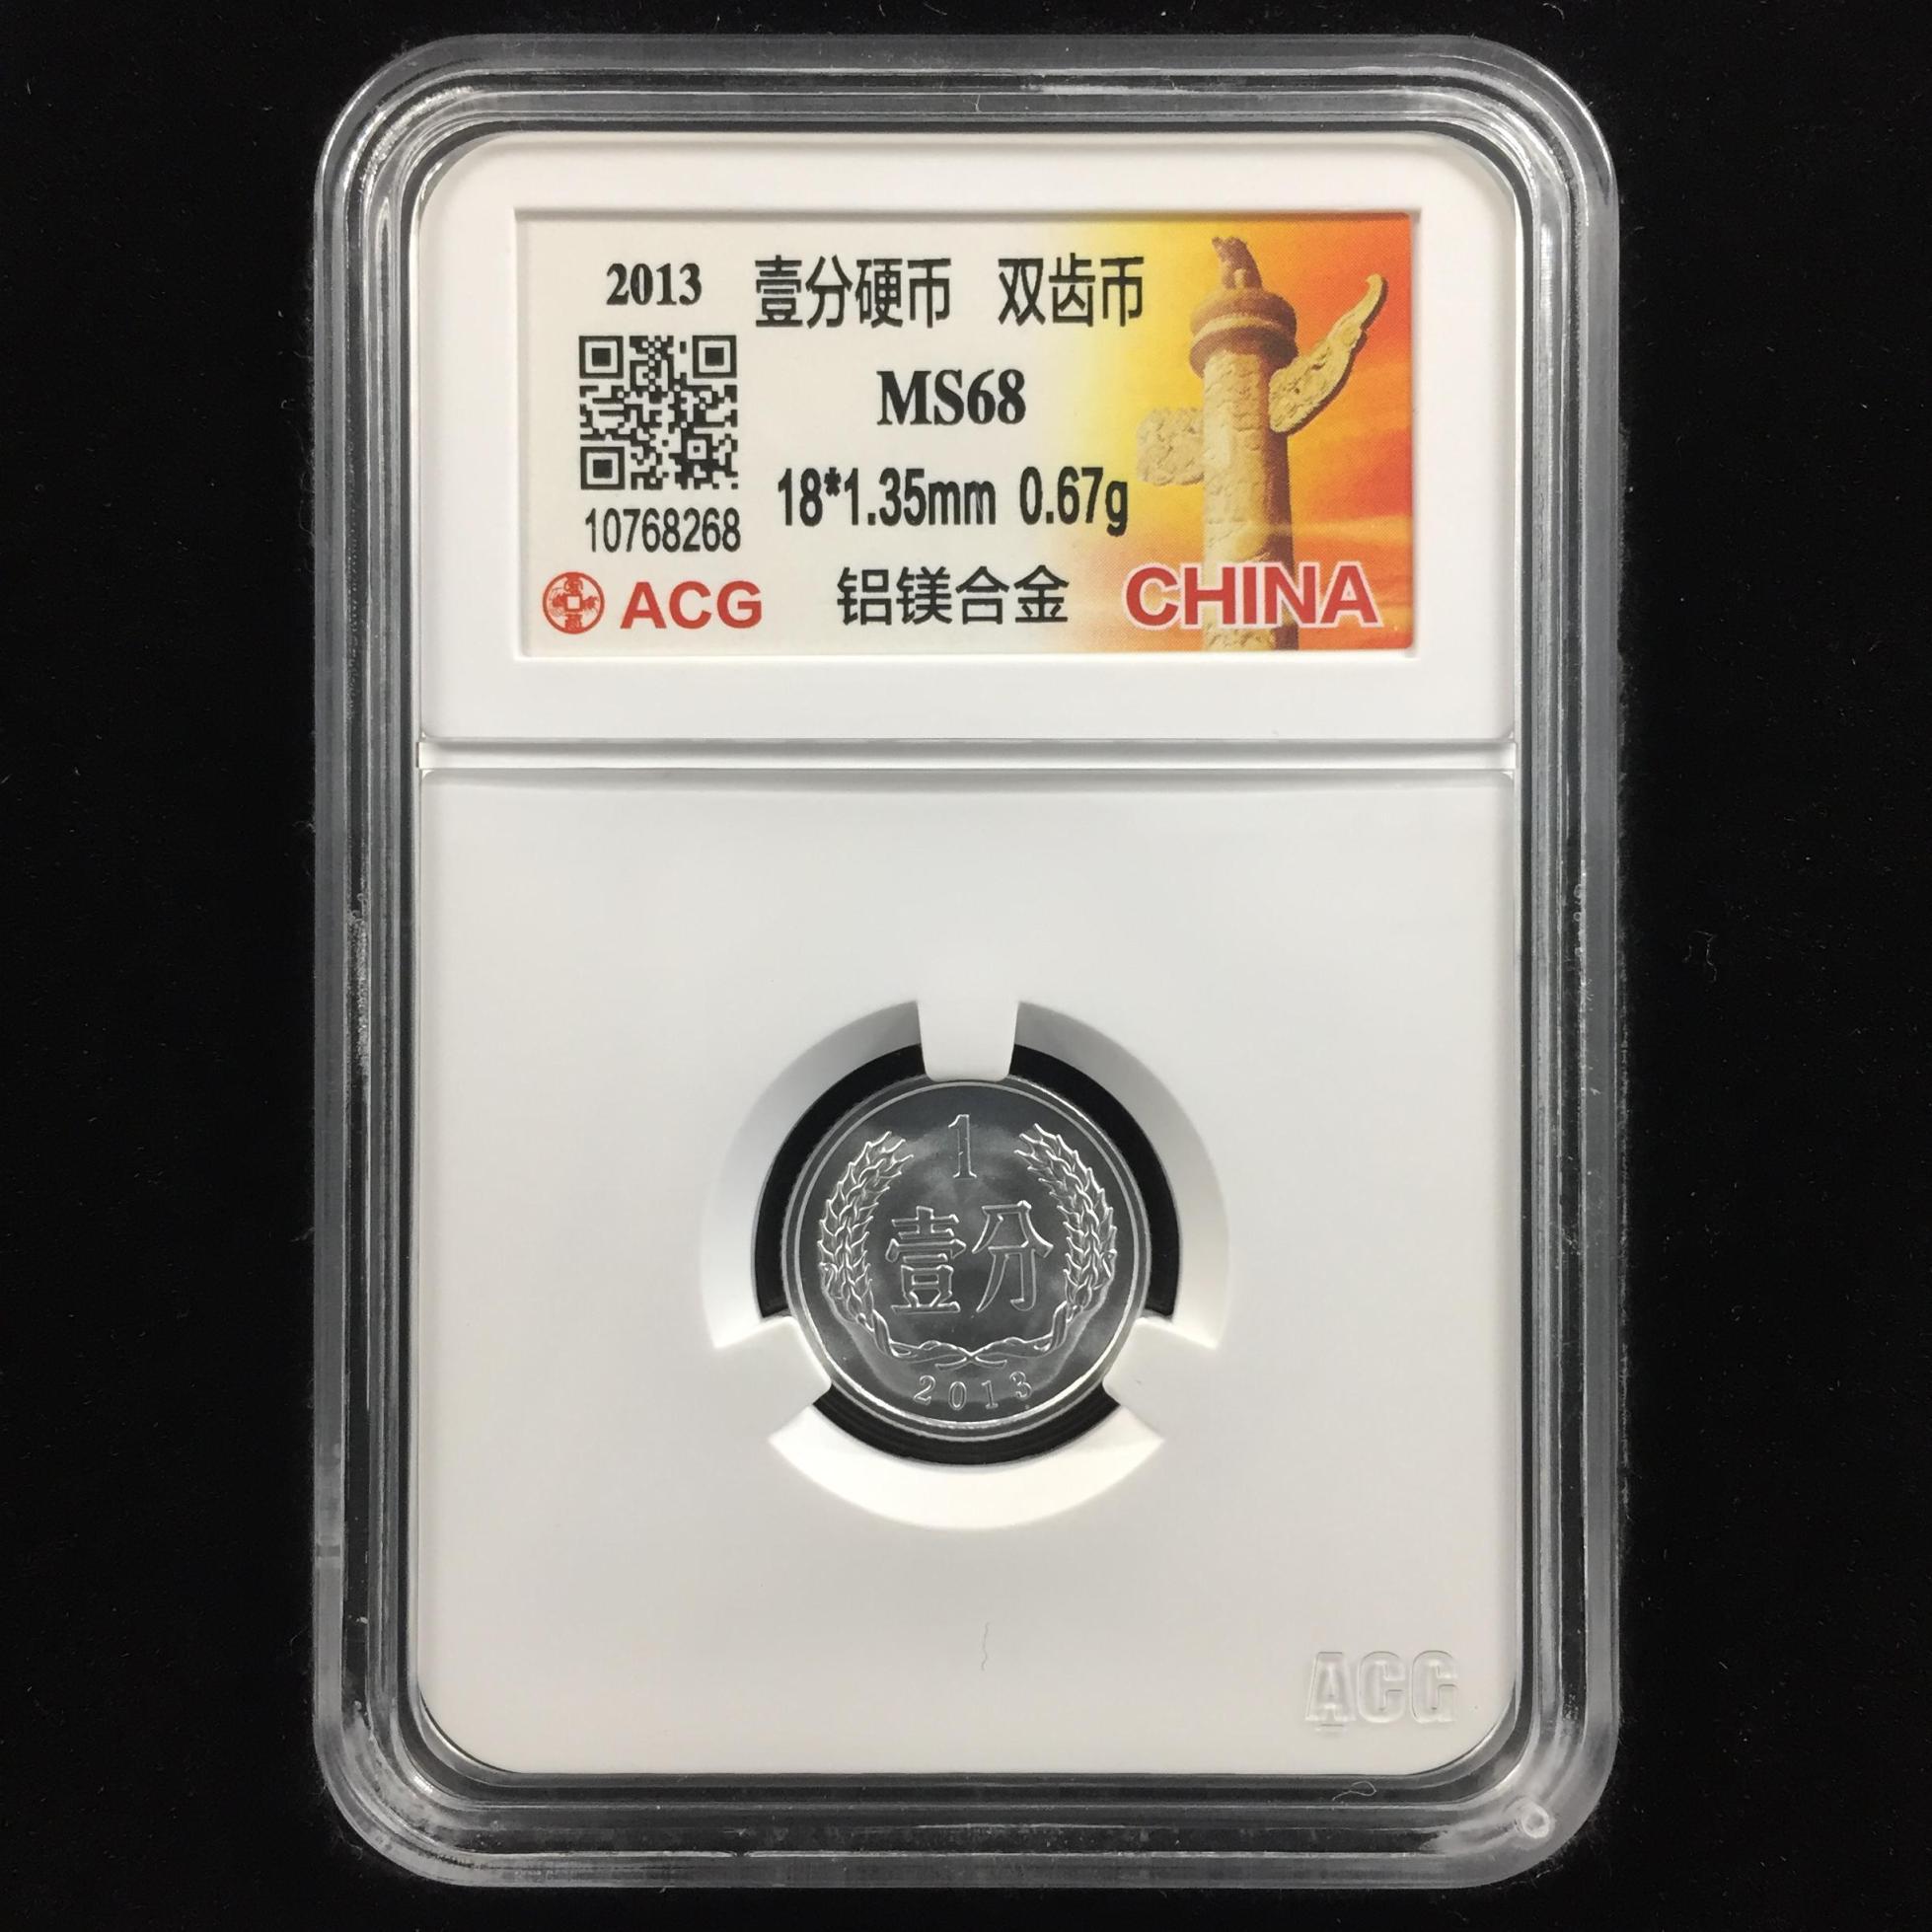 双齿币→2013年1分硬币→ACG鉴定证书-10768268